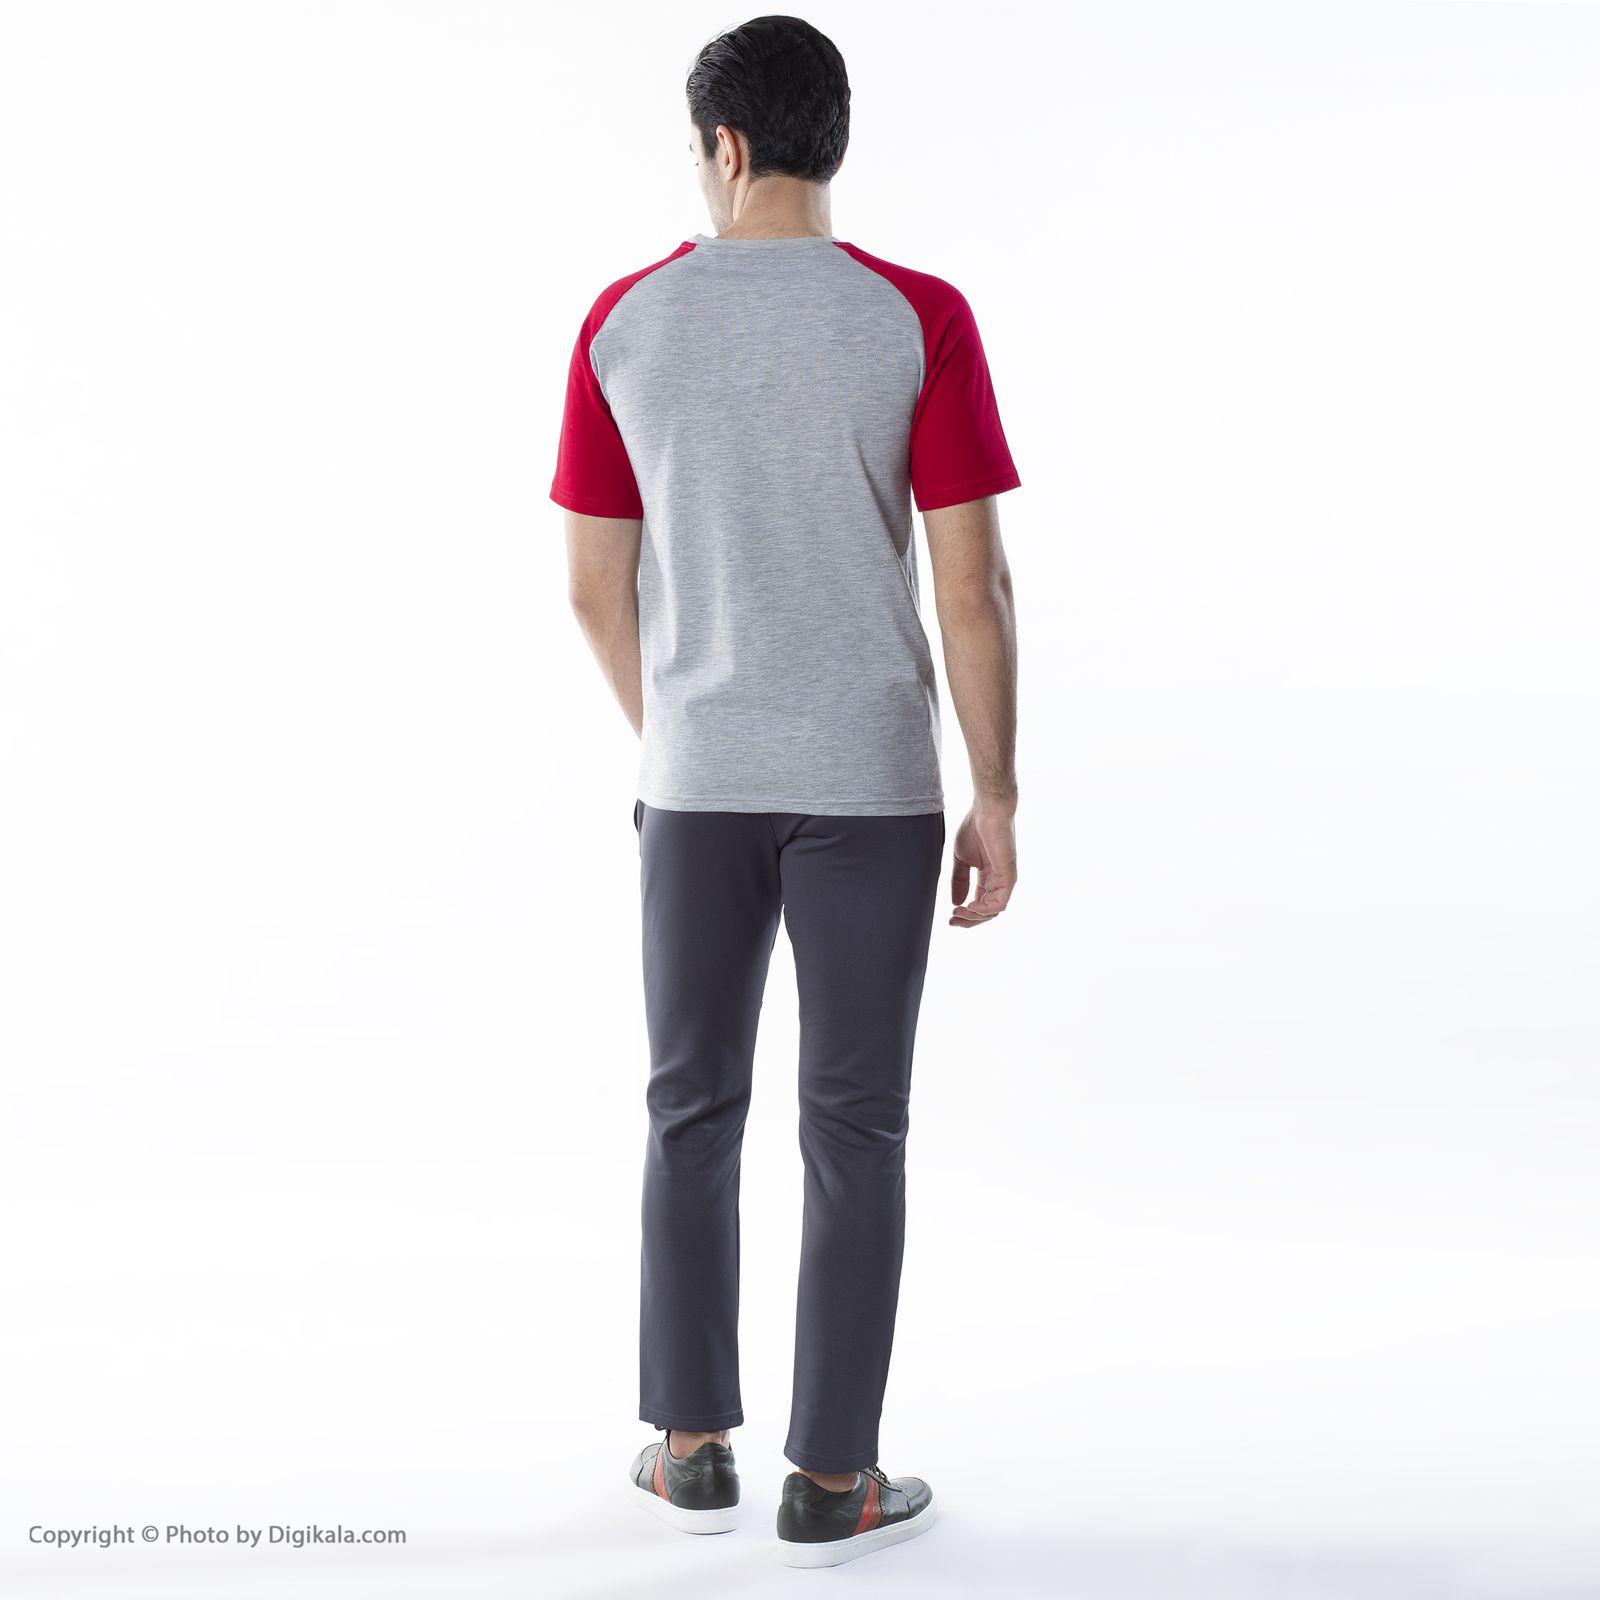 شلوار ورزشی مردانه بی فور ران مدل 210219-94 -  - 3